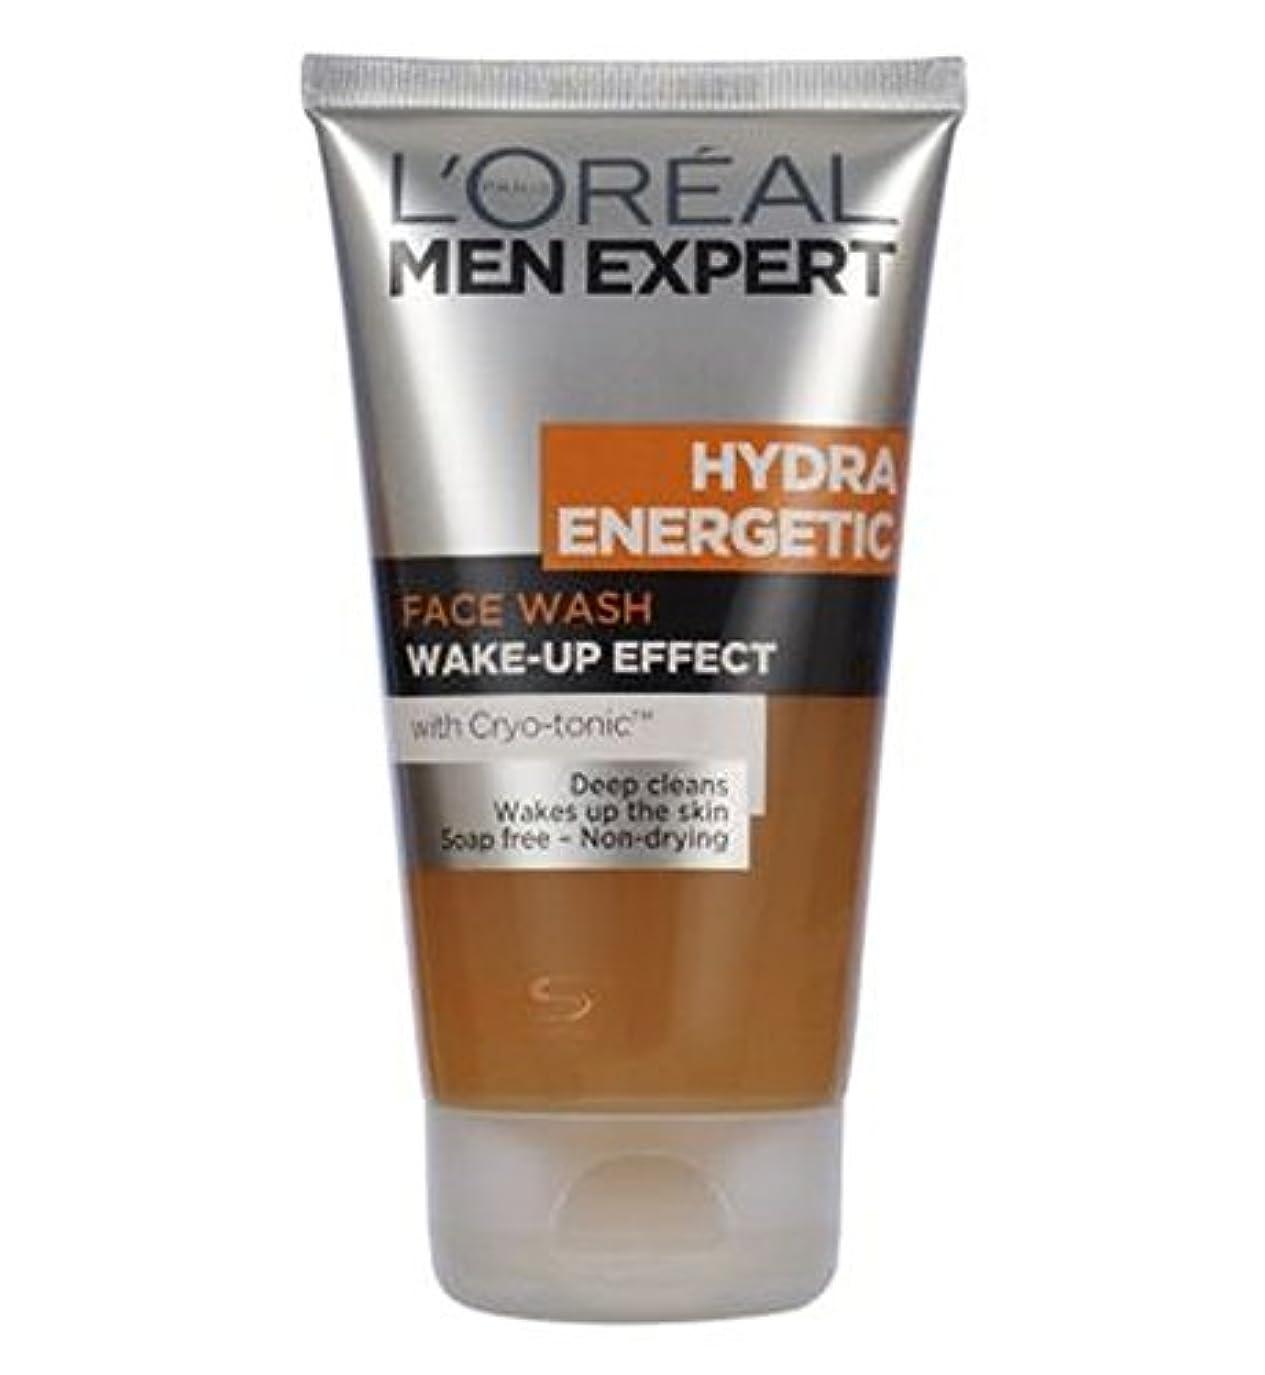 エキゾチック解き明かす光沢のあるロレアルの男性の専門家ヒドラエネルギッシュな洗顔150ミリリットル (L'Oreal) (x2) - L'Oreal Men Expert Hydra Energetic Face Wash 150ml (Pack of...